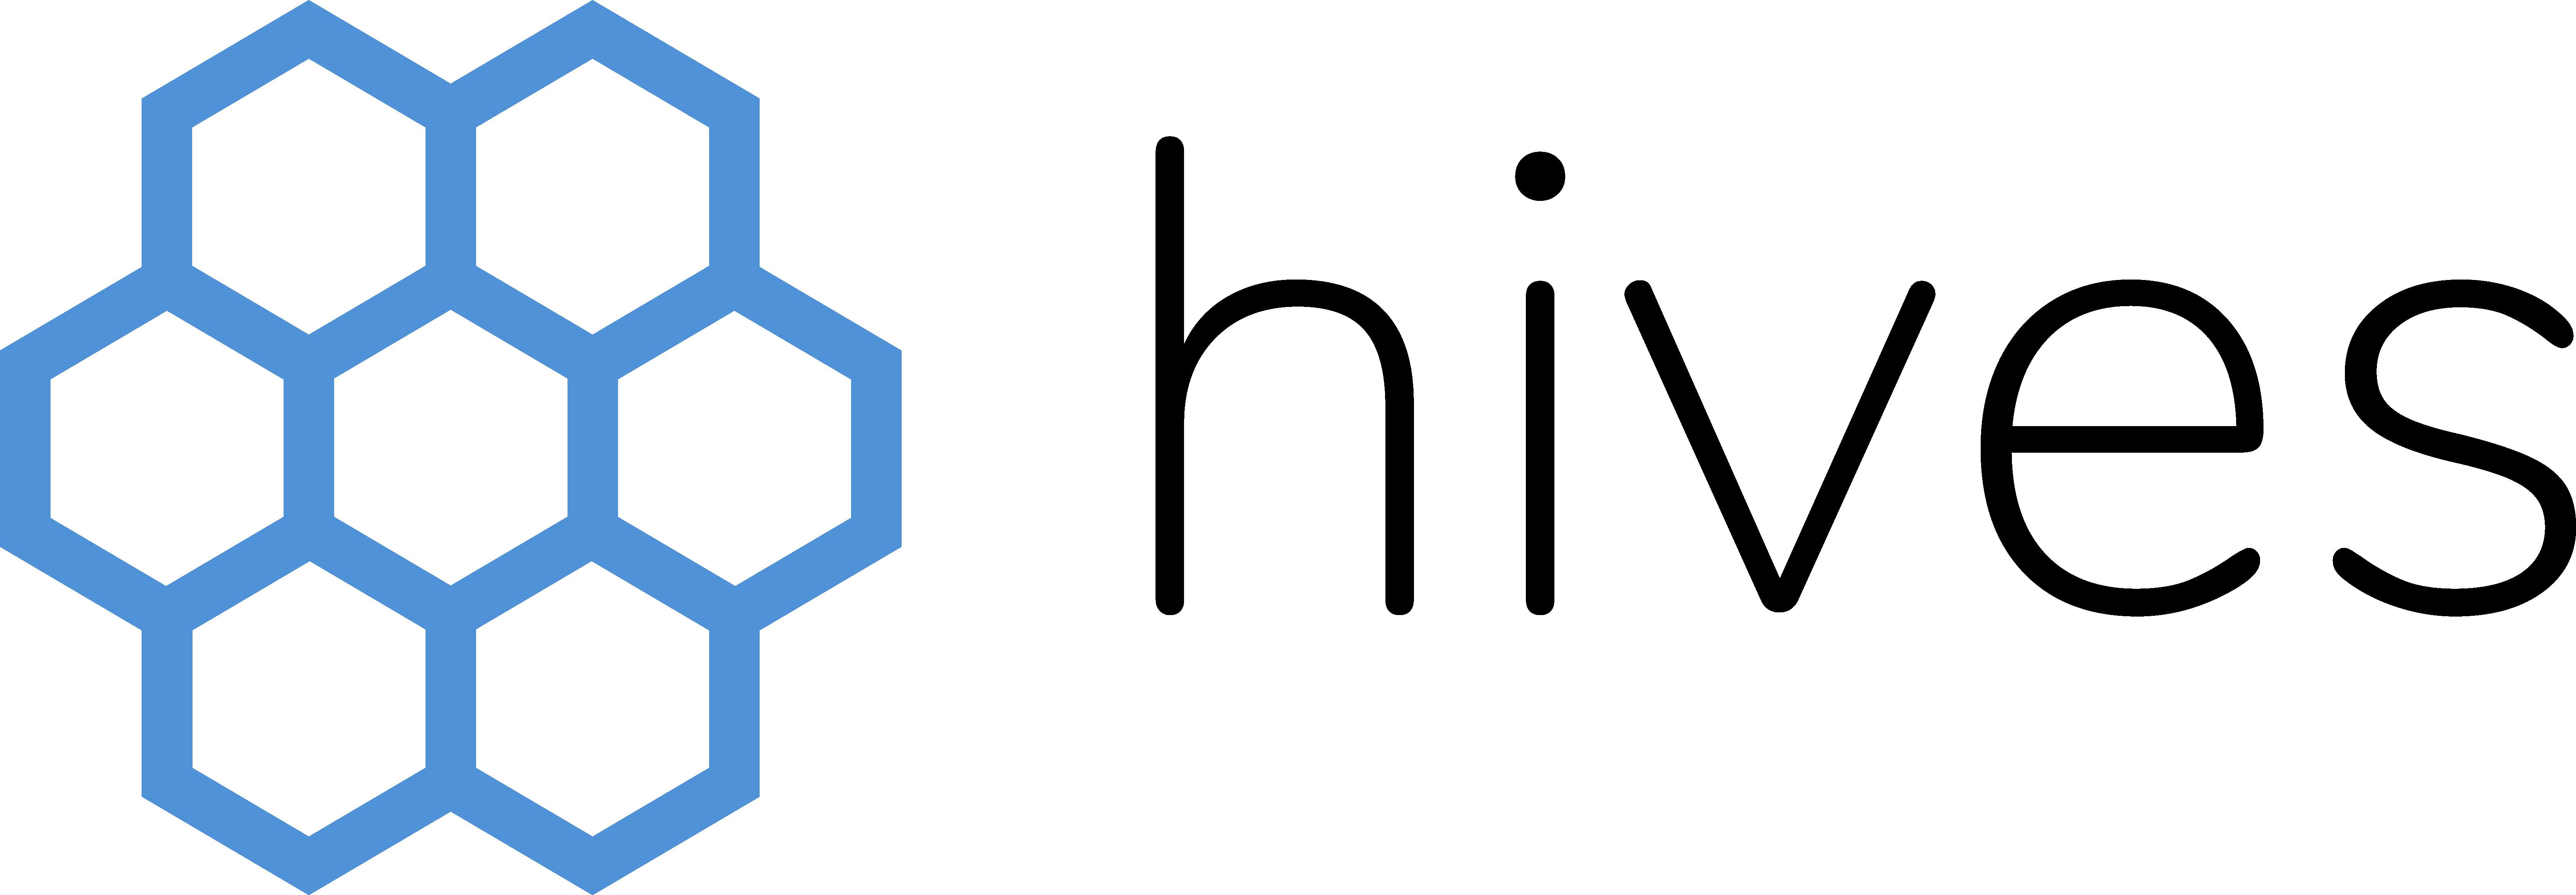 Hives.co - Logo